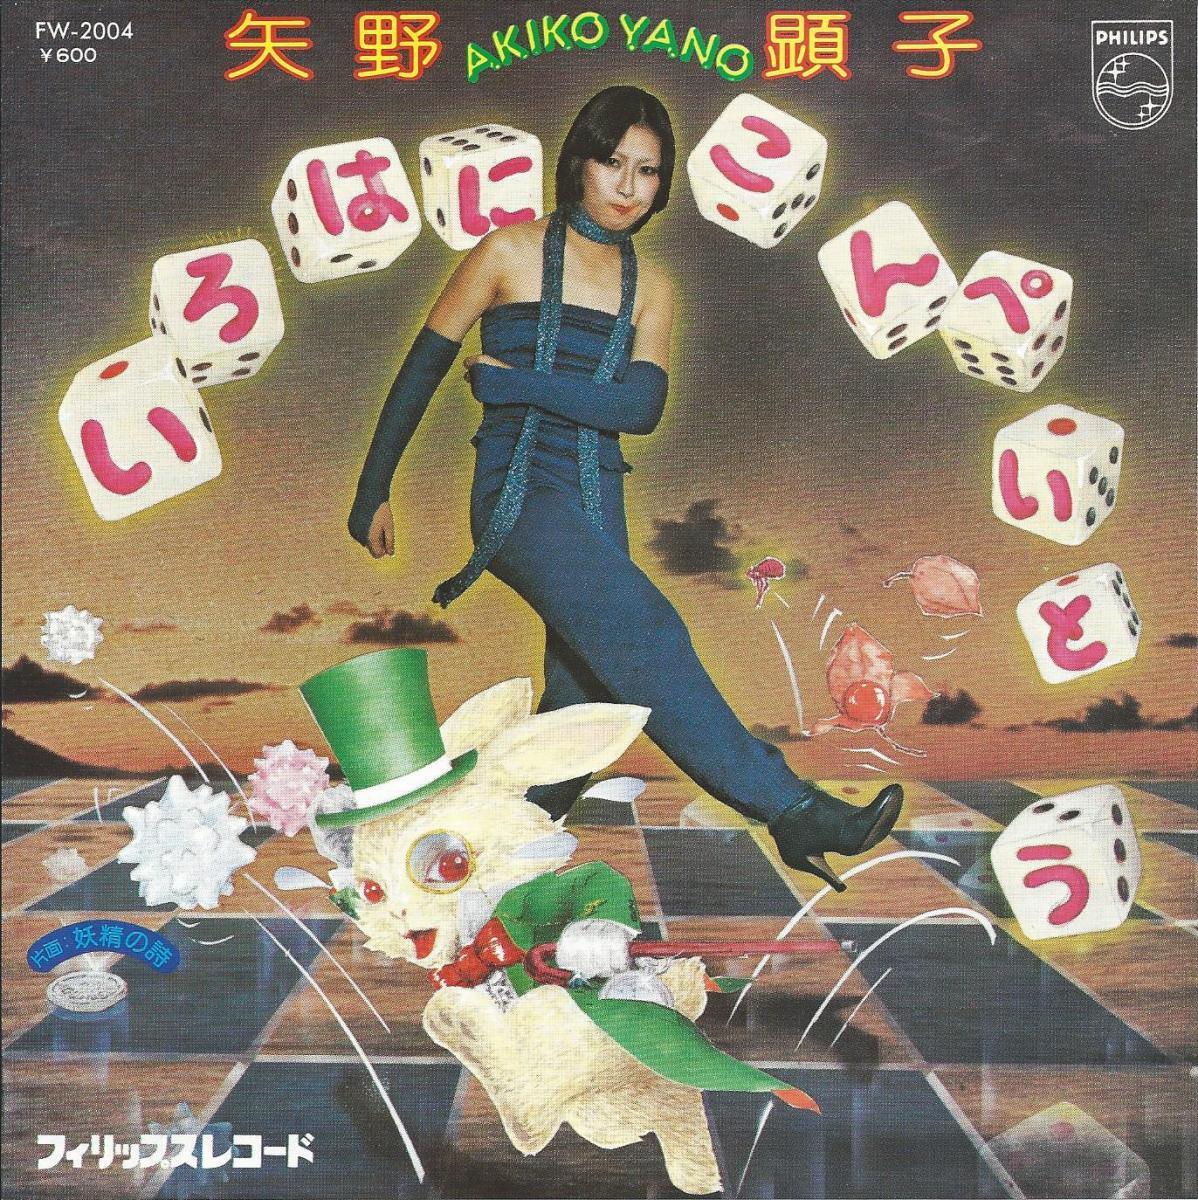 矢野顕子 AKIKO YANO / いろはにこんぺいとう (7